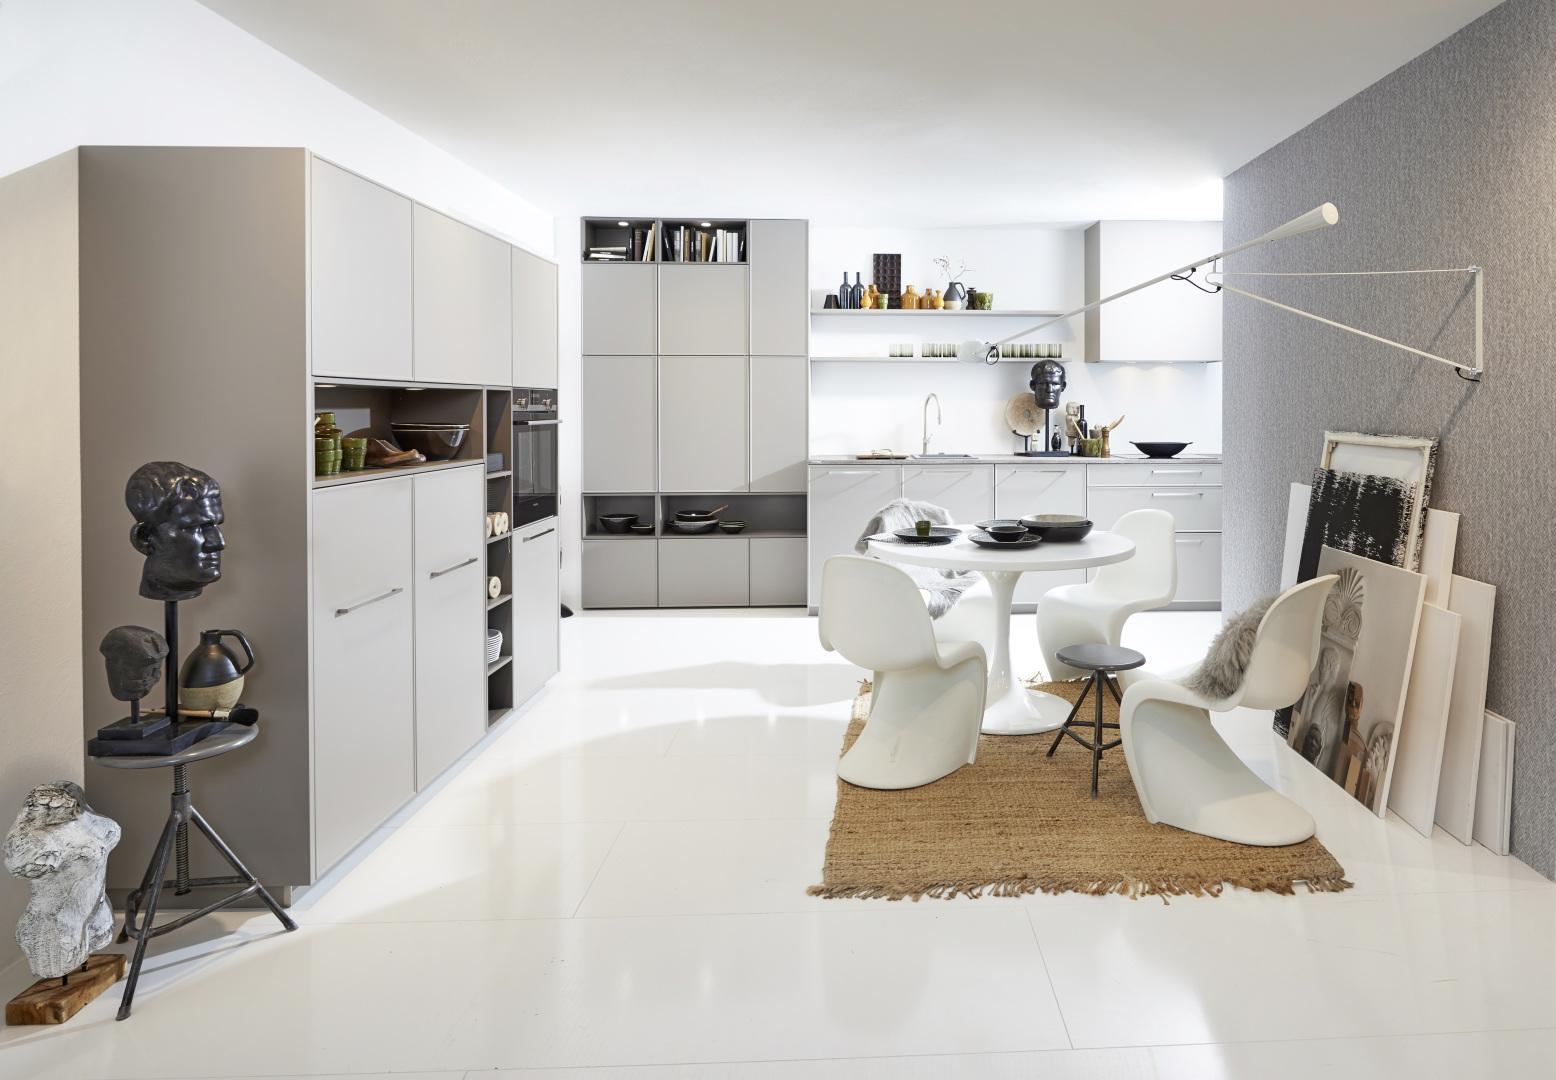 moderne k chen online kaufen gute preise k chenexperte. Black Bedroom Furniture Sets. Home Design Ideas